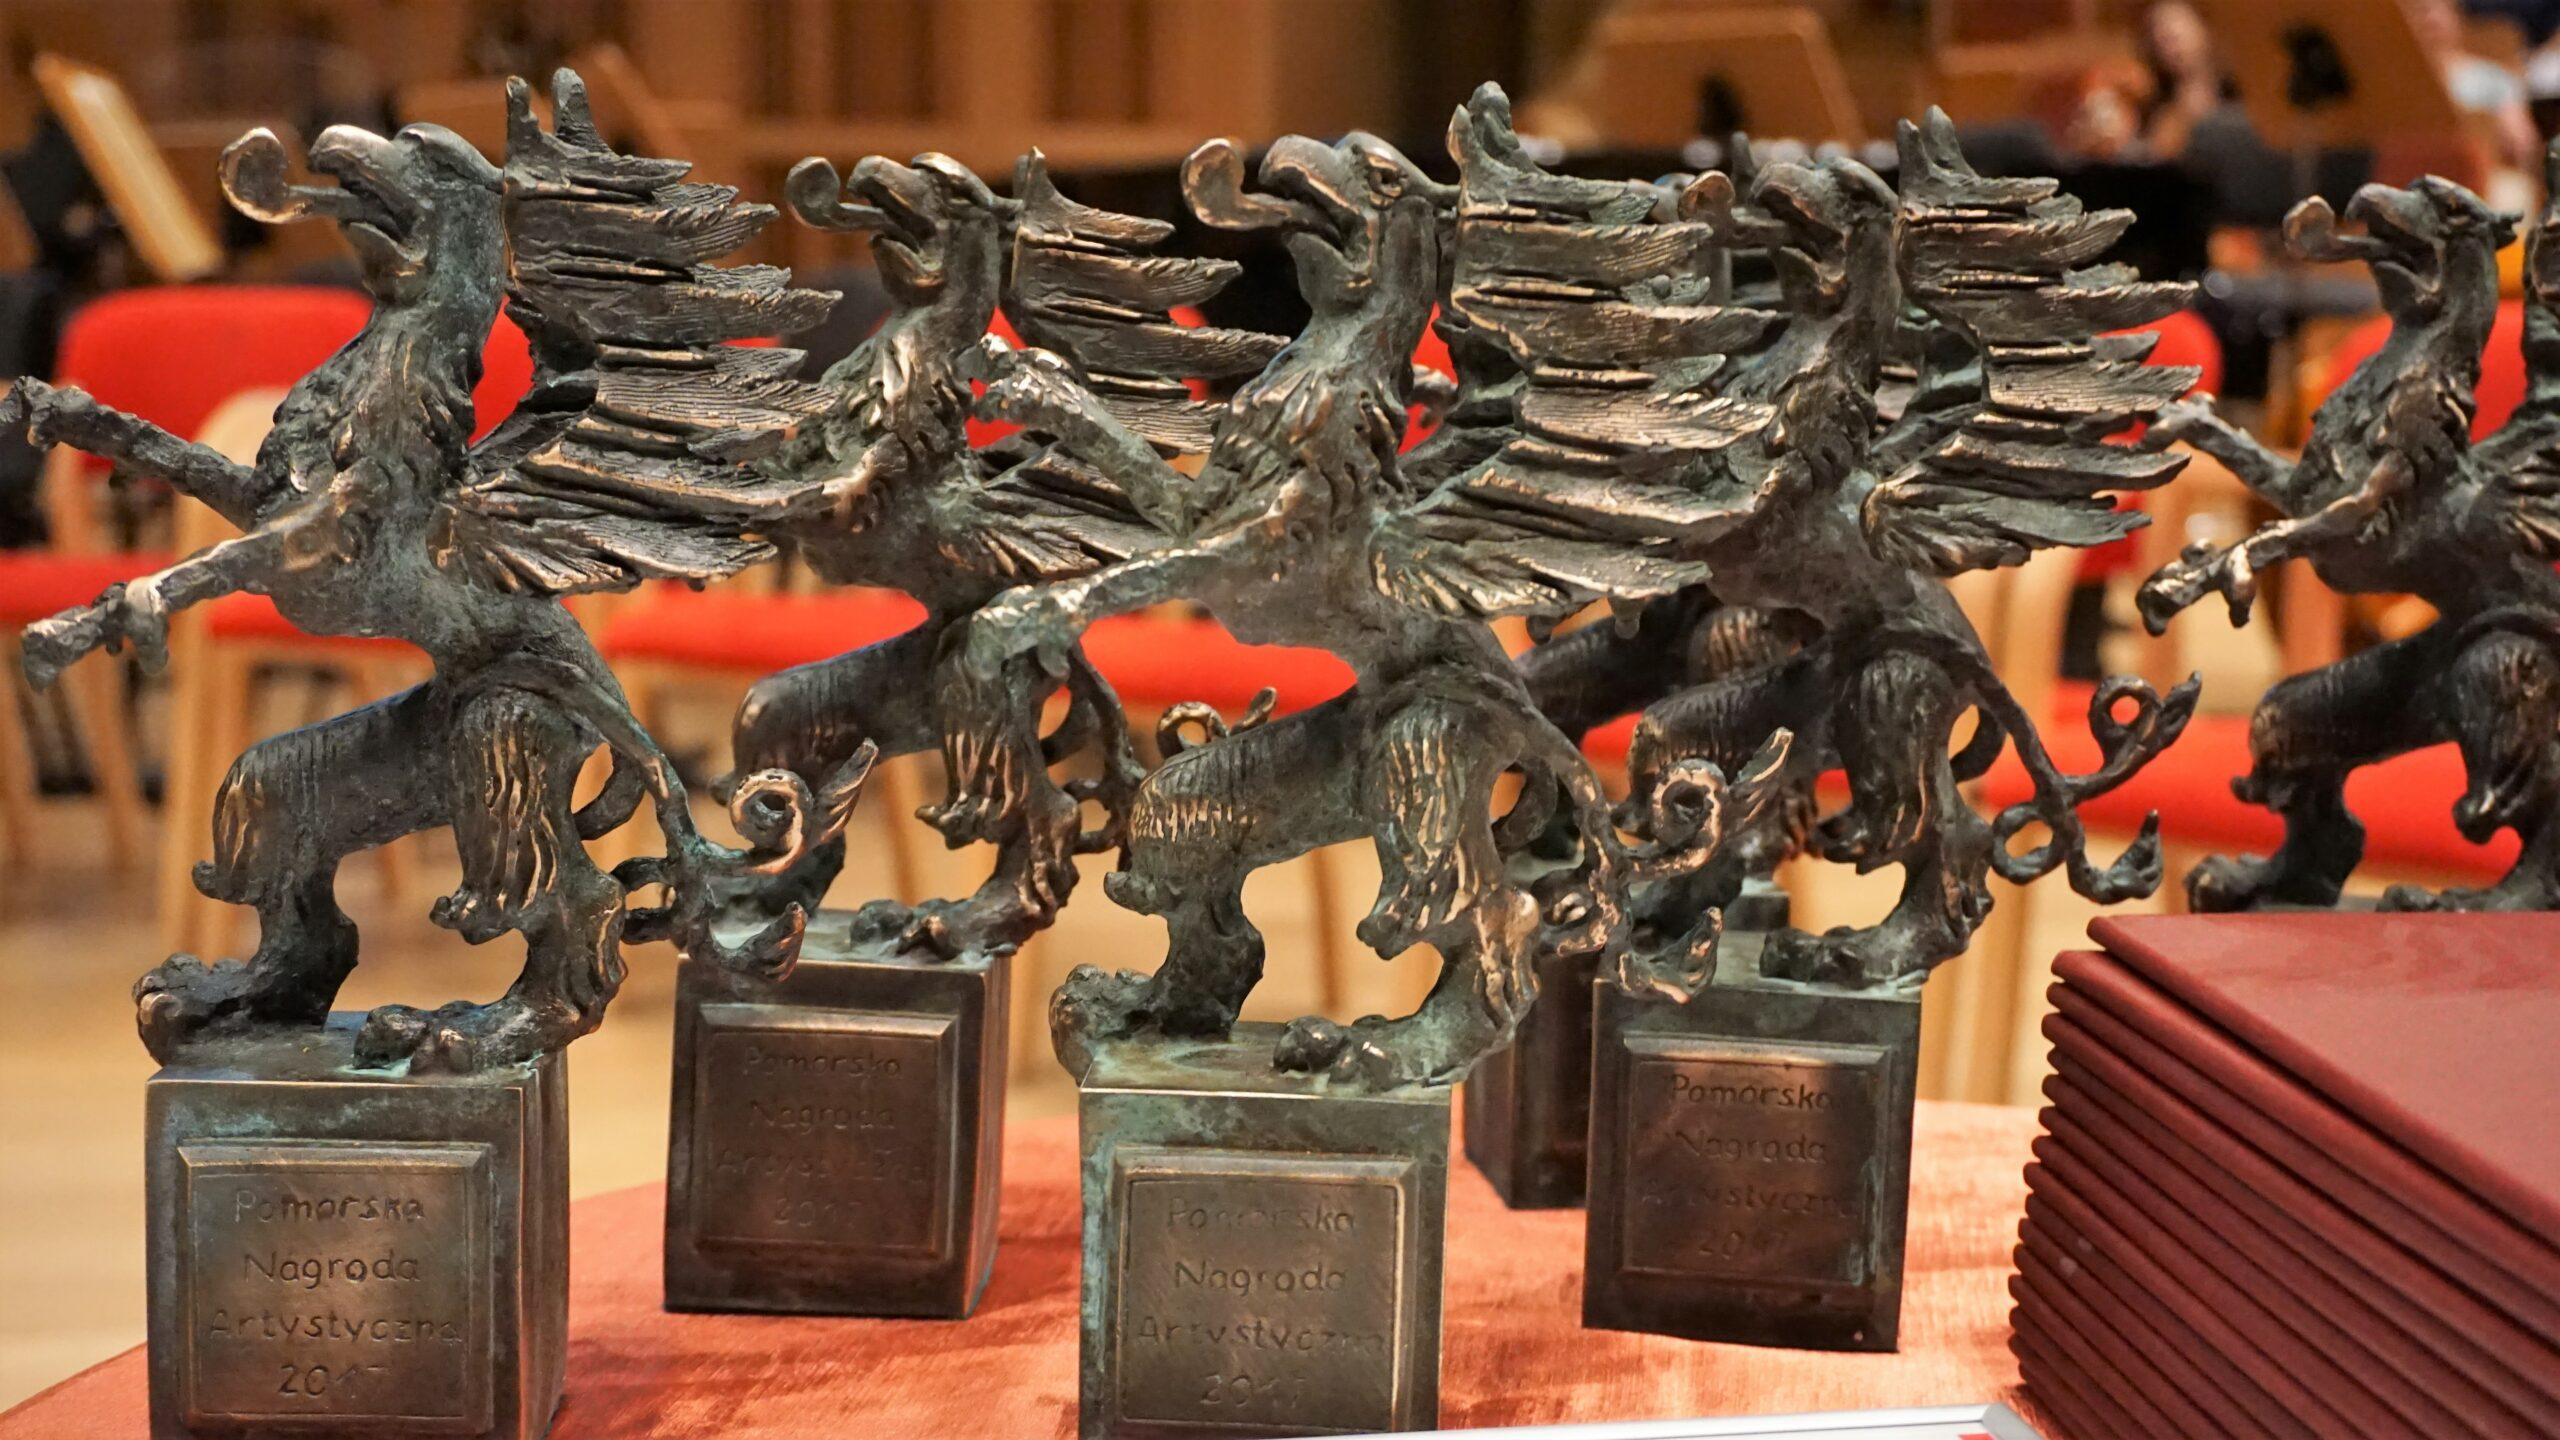 Kto dostanie prestiżowe wyróżnienie? Lista nominowanych do Pomorskiej Nagrody Artystycznej